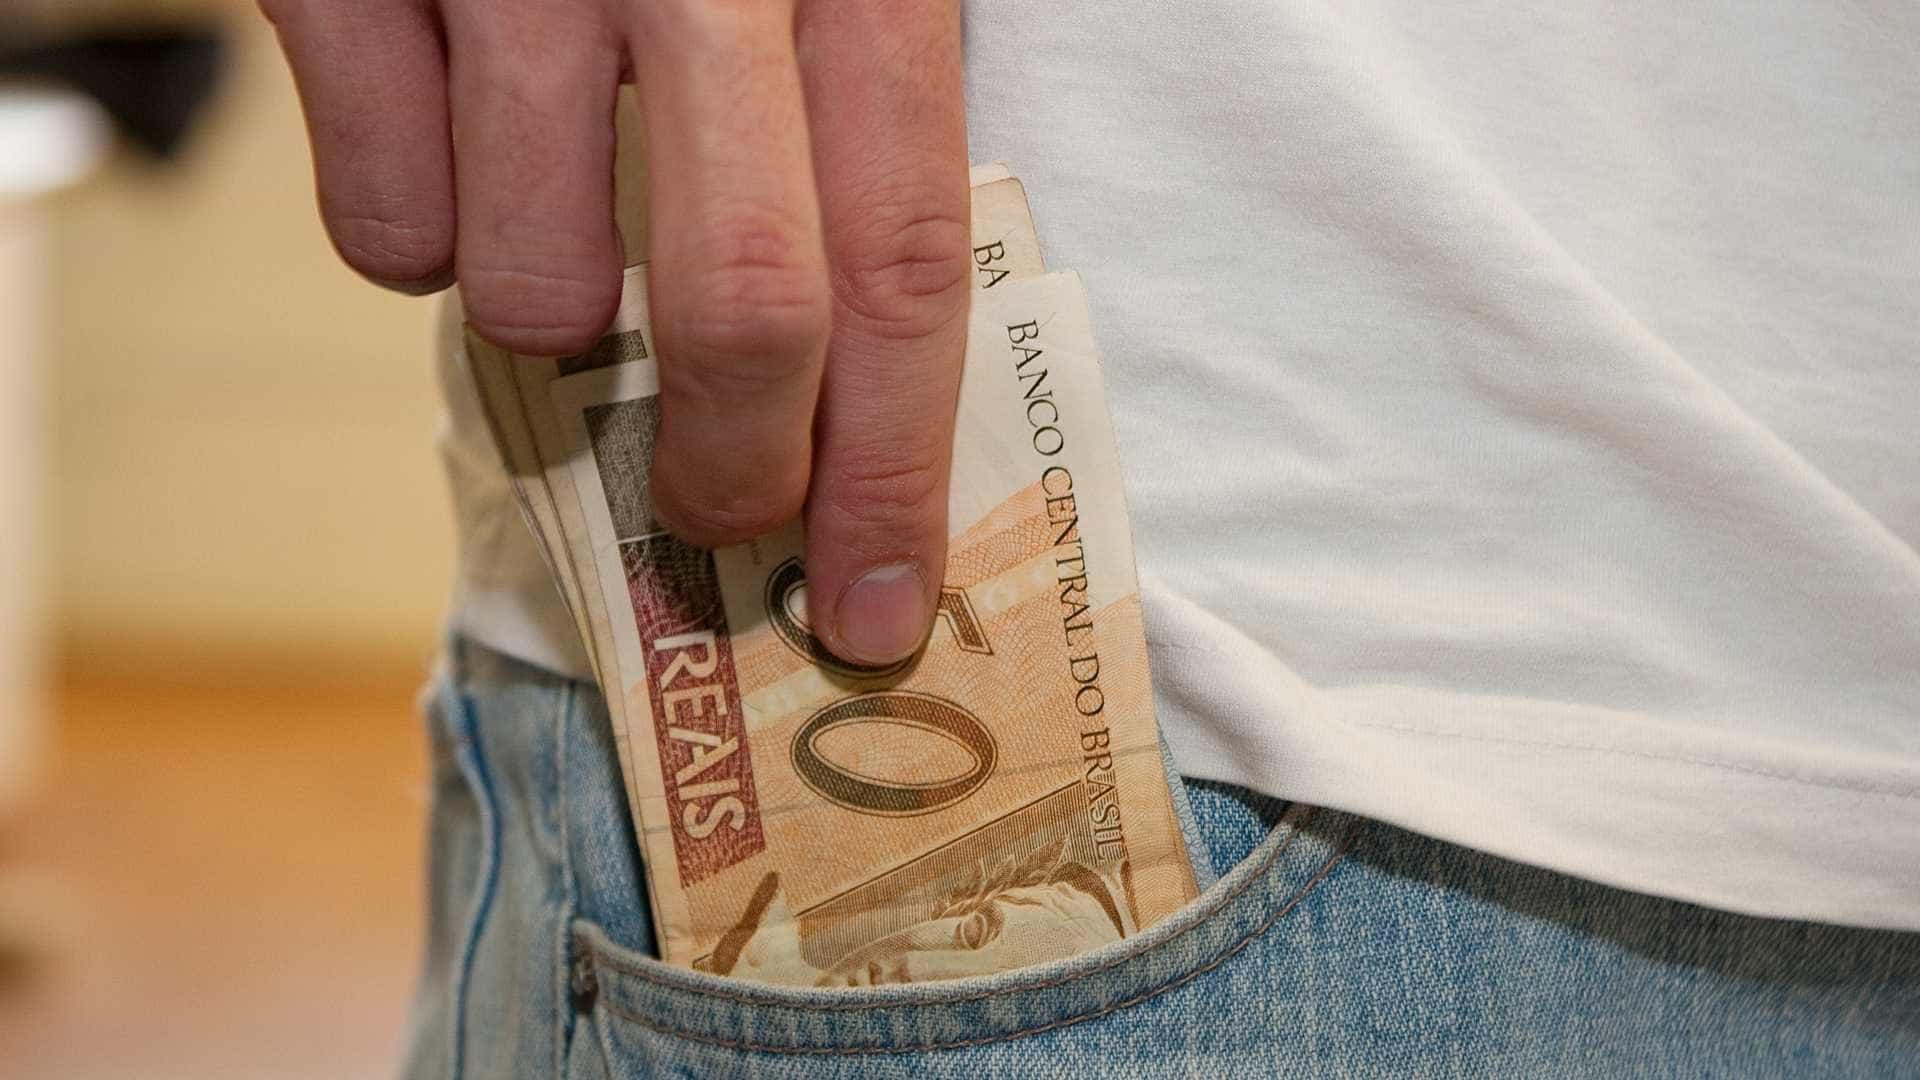 Governo já pagou quase R$ 88 bilhões de auxílio emergencial